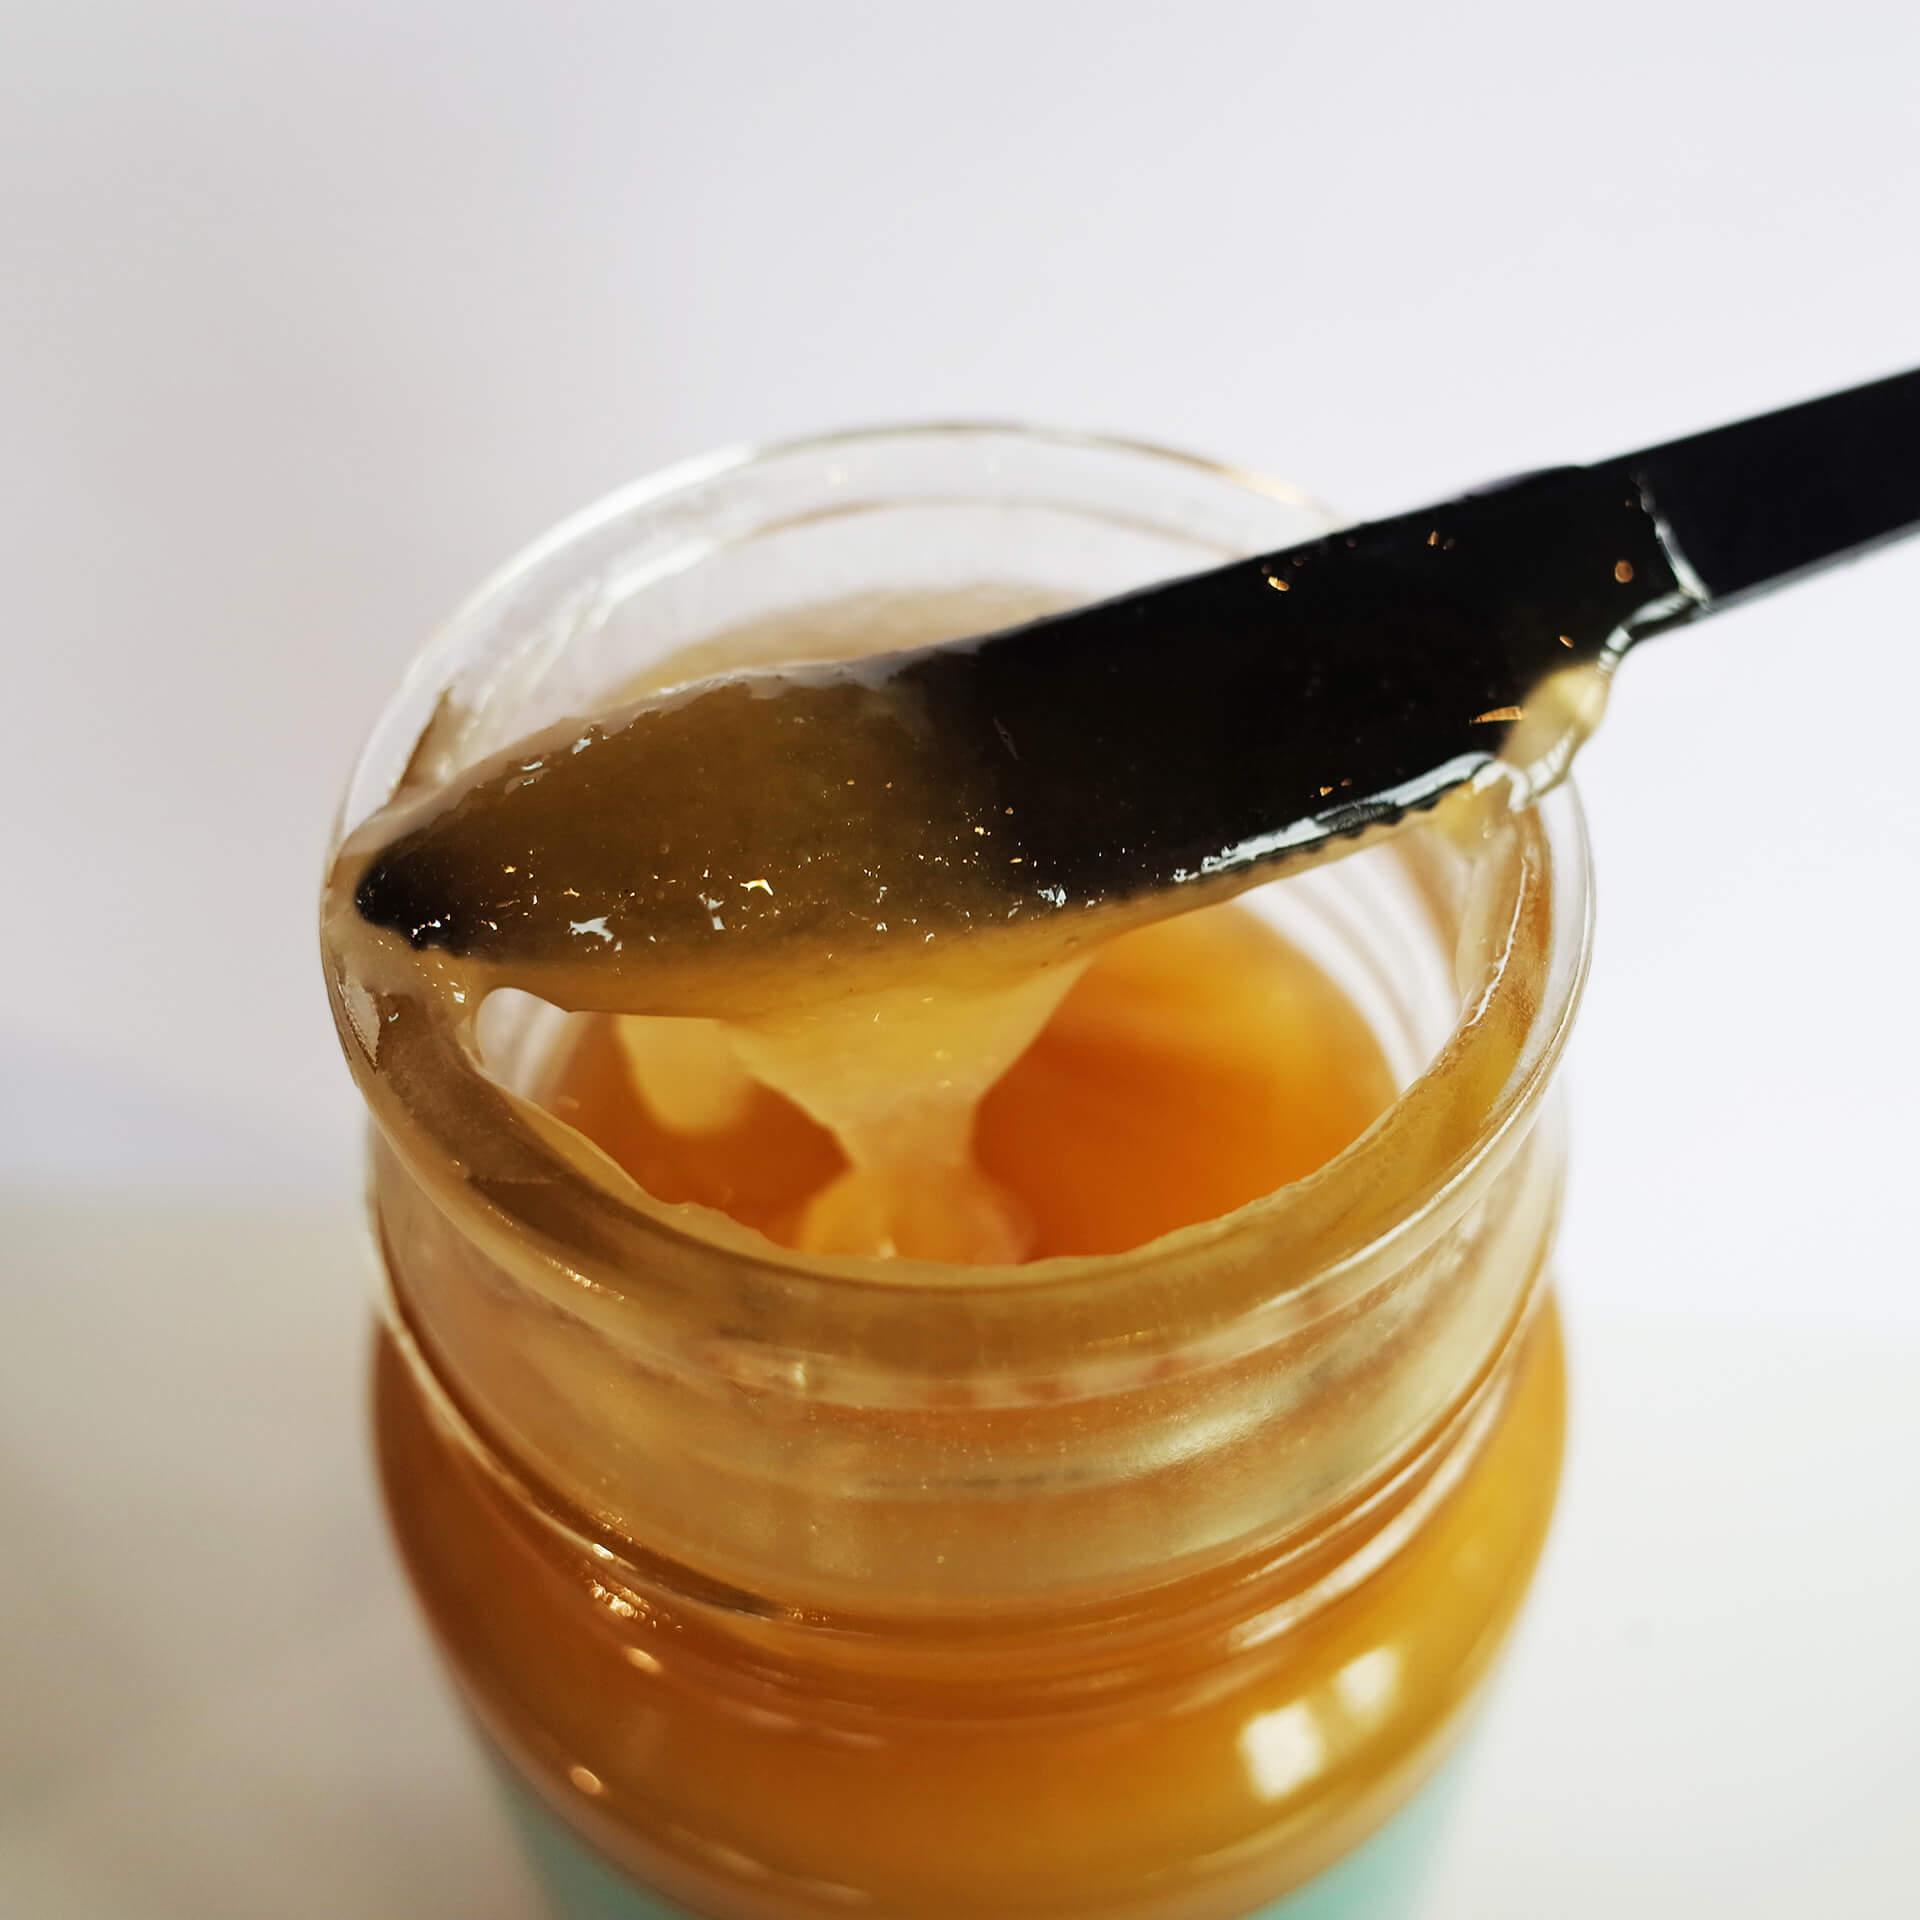 【短效品】蜜徑山茶蜂蜜750g(有效20210227)